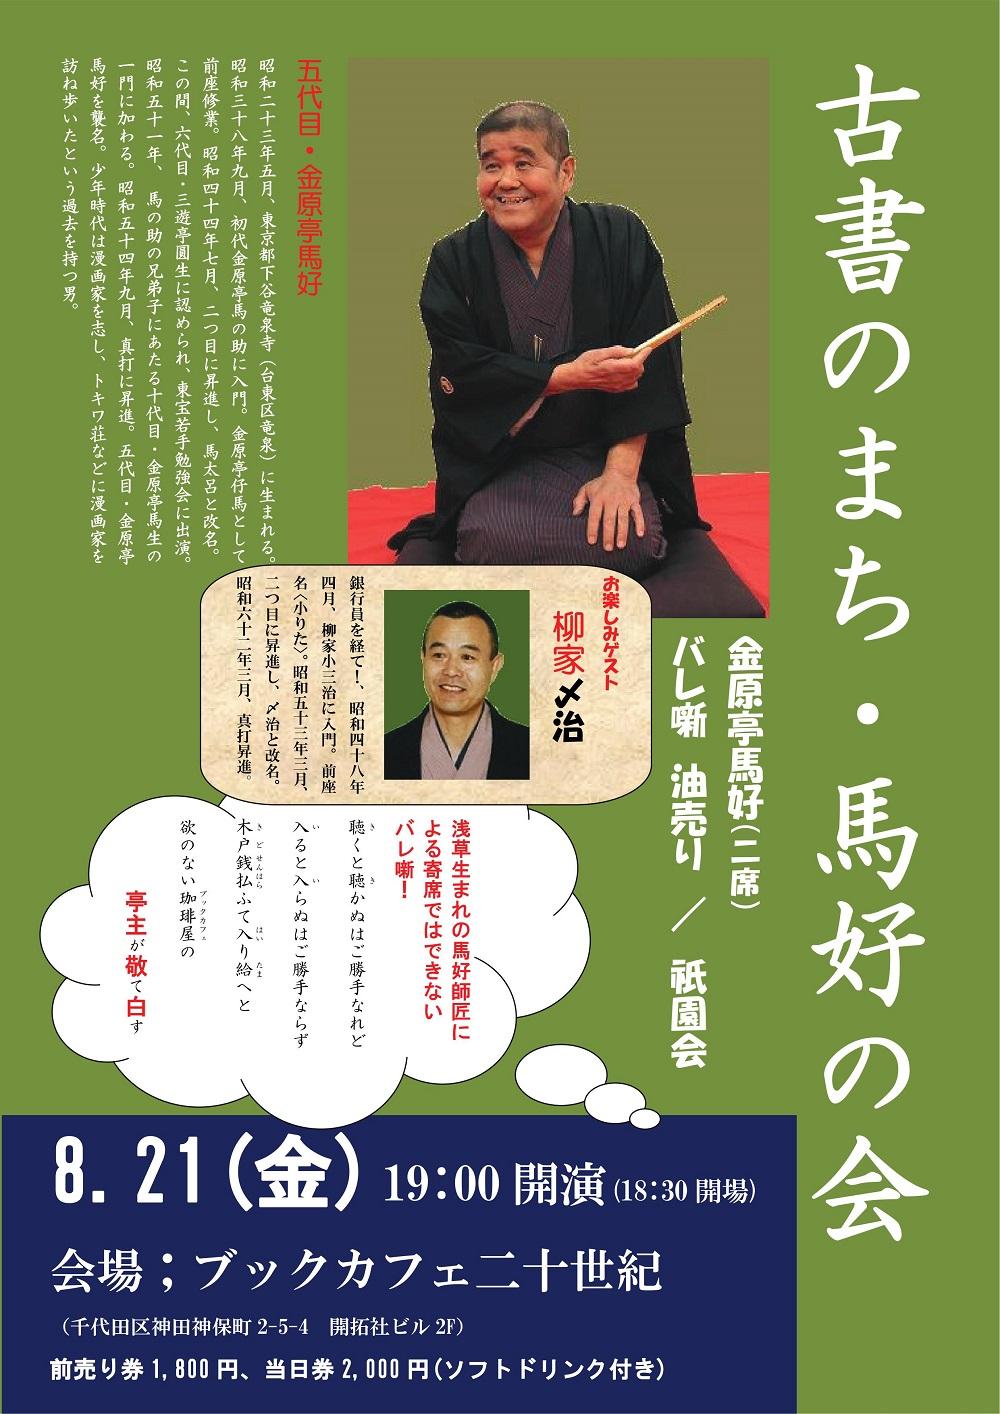 bakou02.jpg